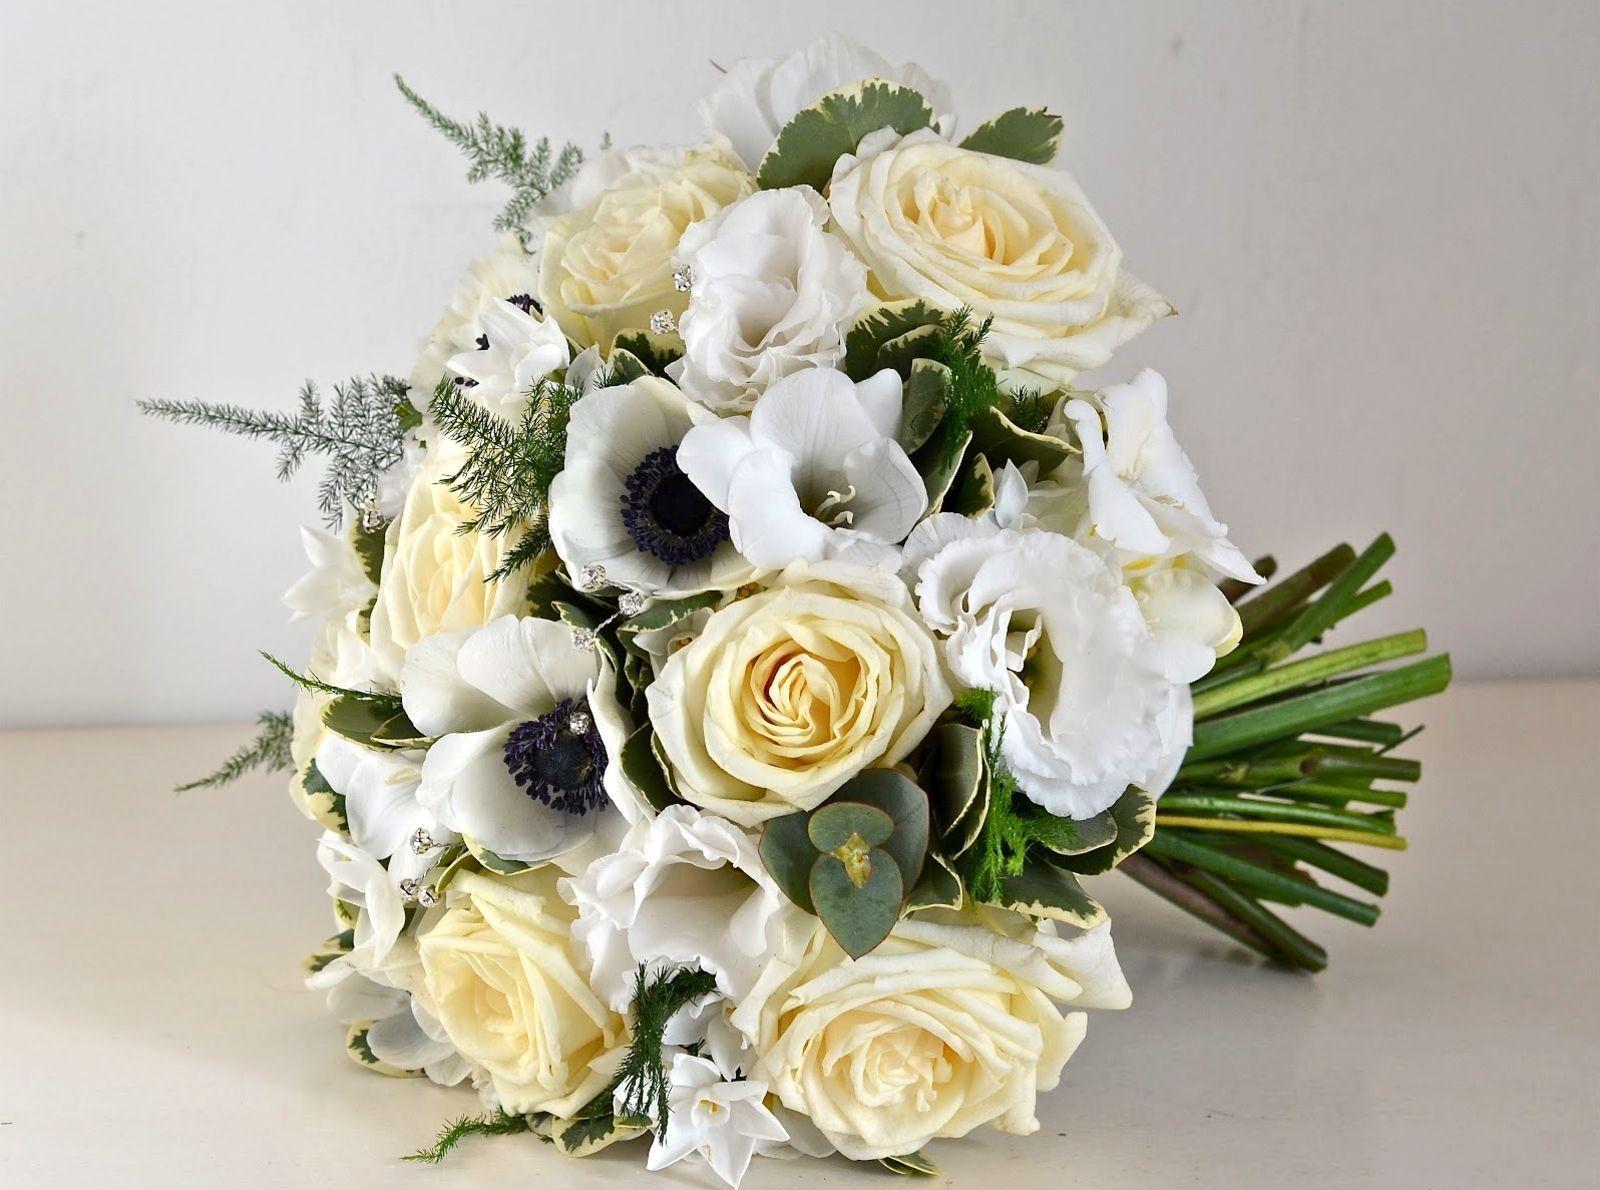 94312 скачать обои Цветы, Букет, Белоснежные, Оформление, Розы - заставки и картинки бесплатно